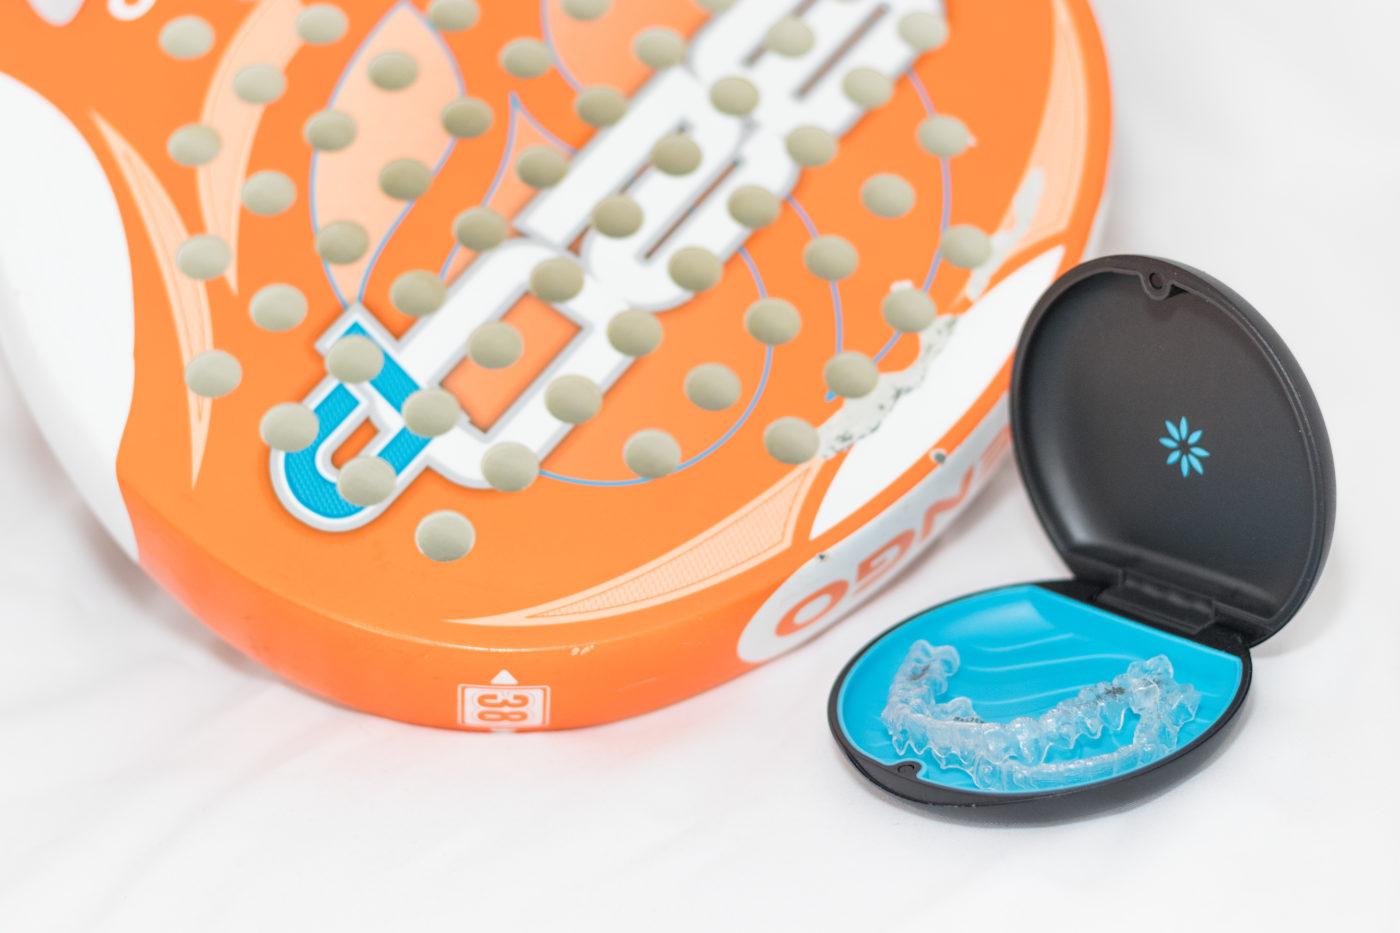 Alineador y raqueta de pádel